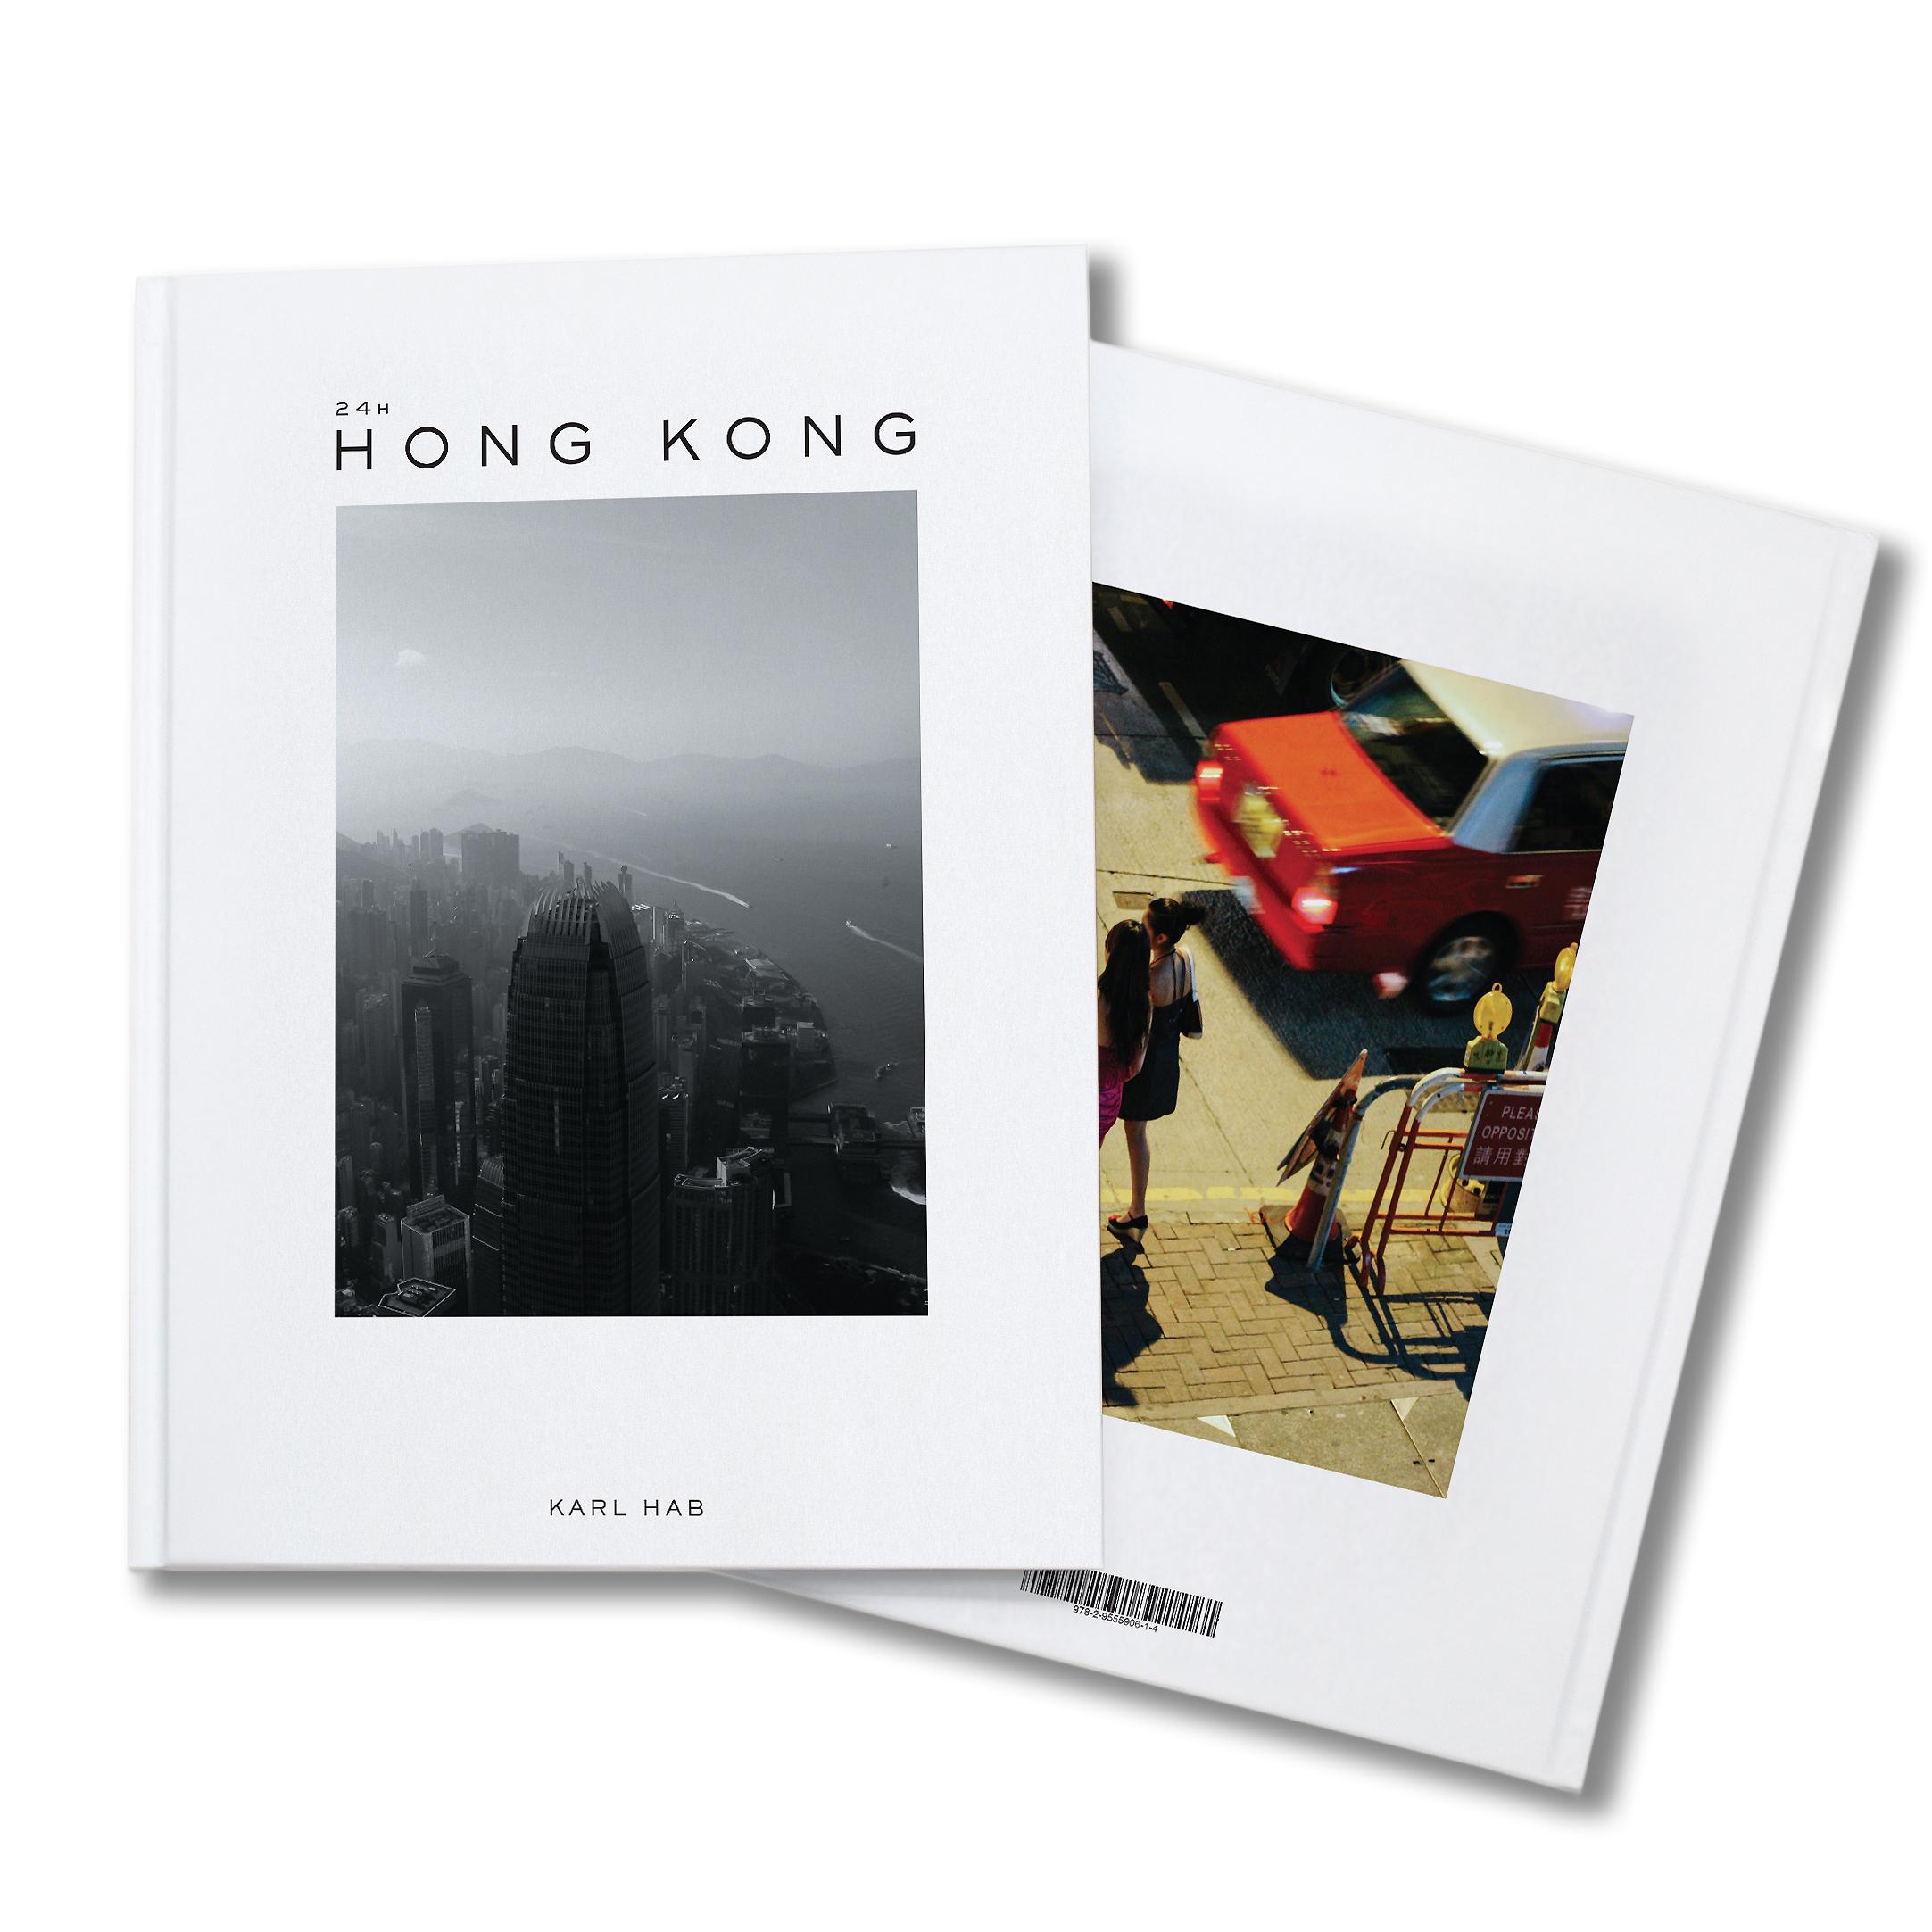 24H HONG KONG BOOK.jpg